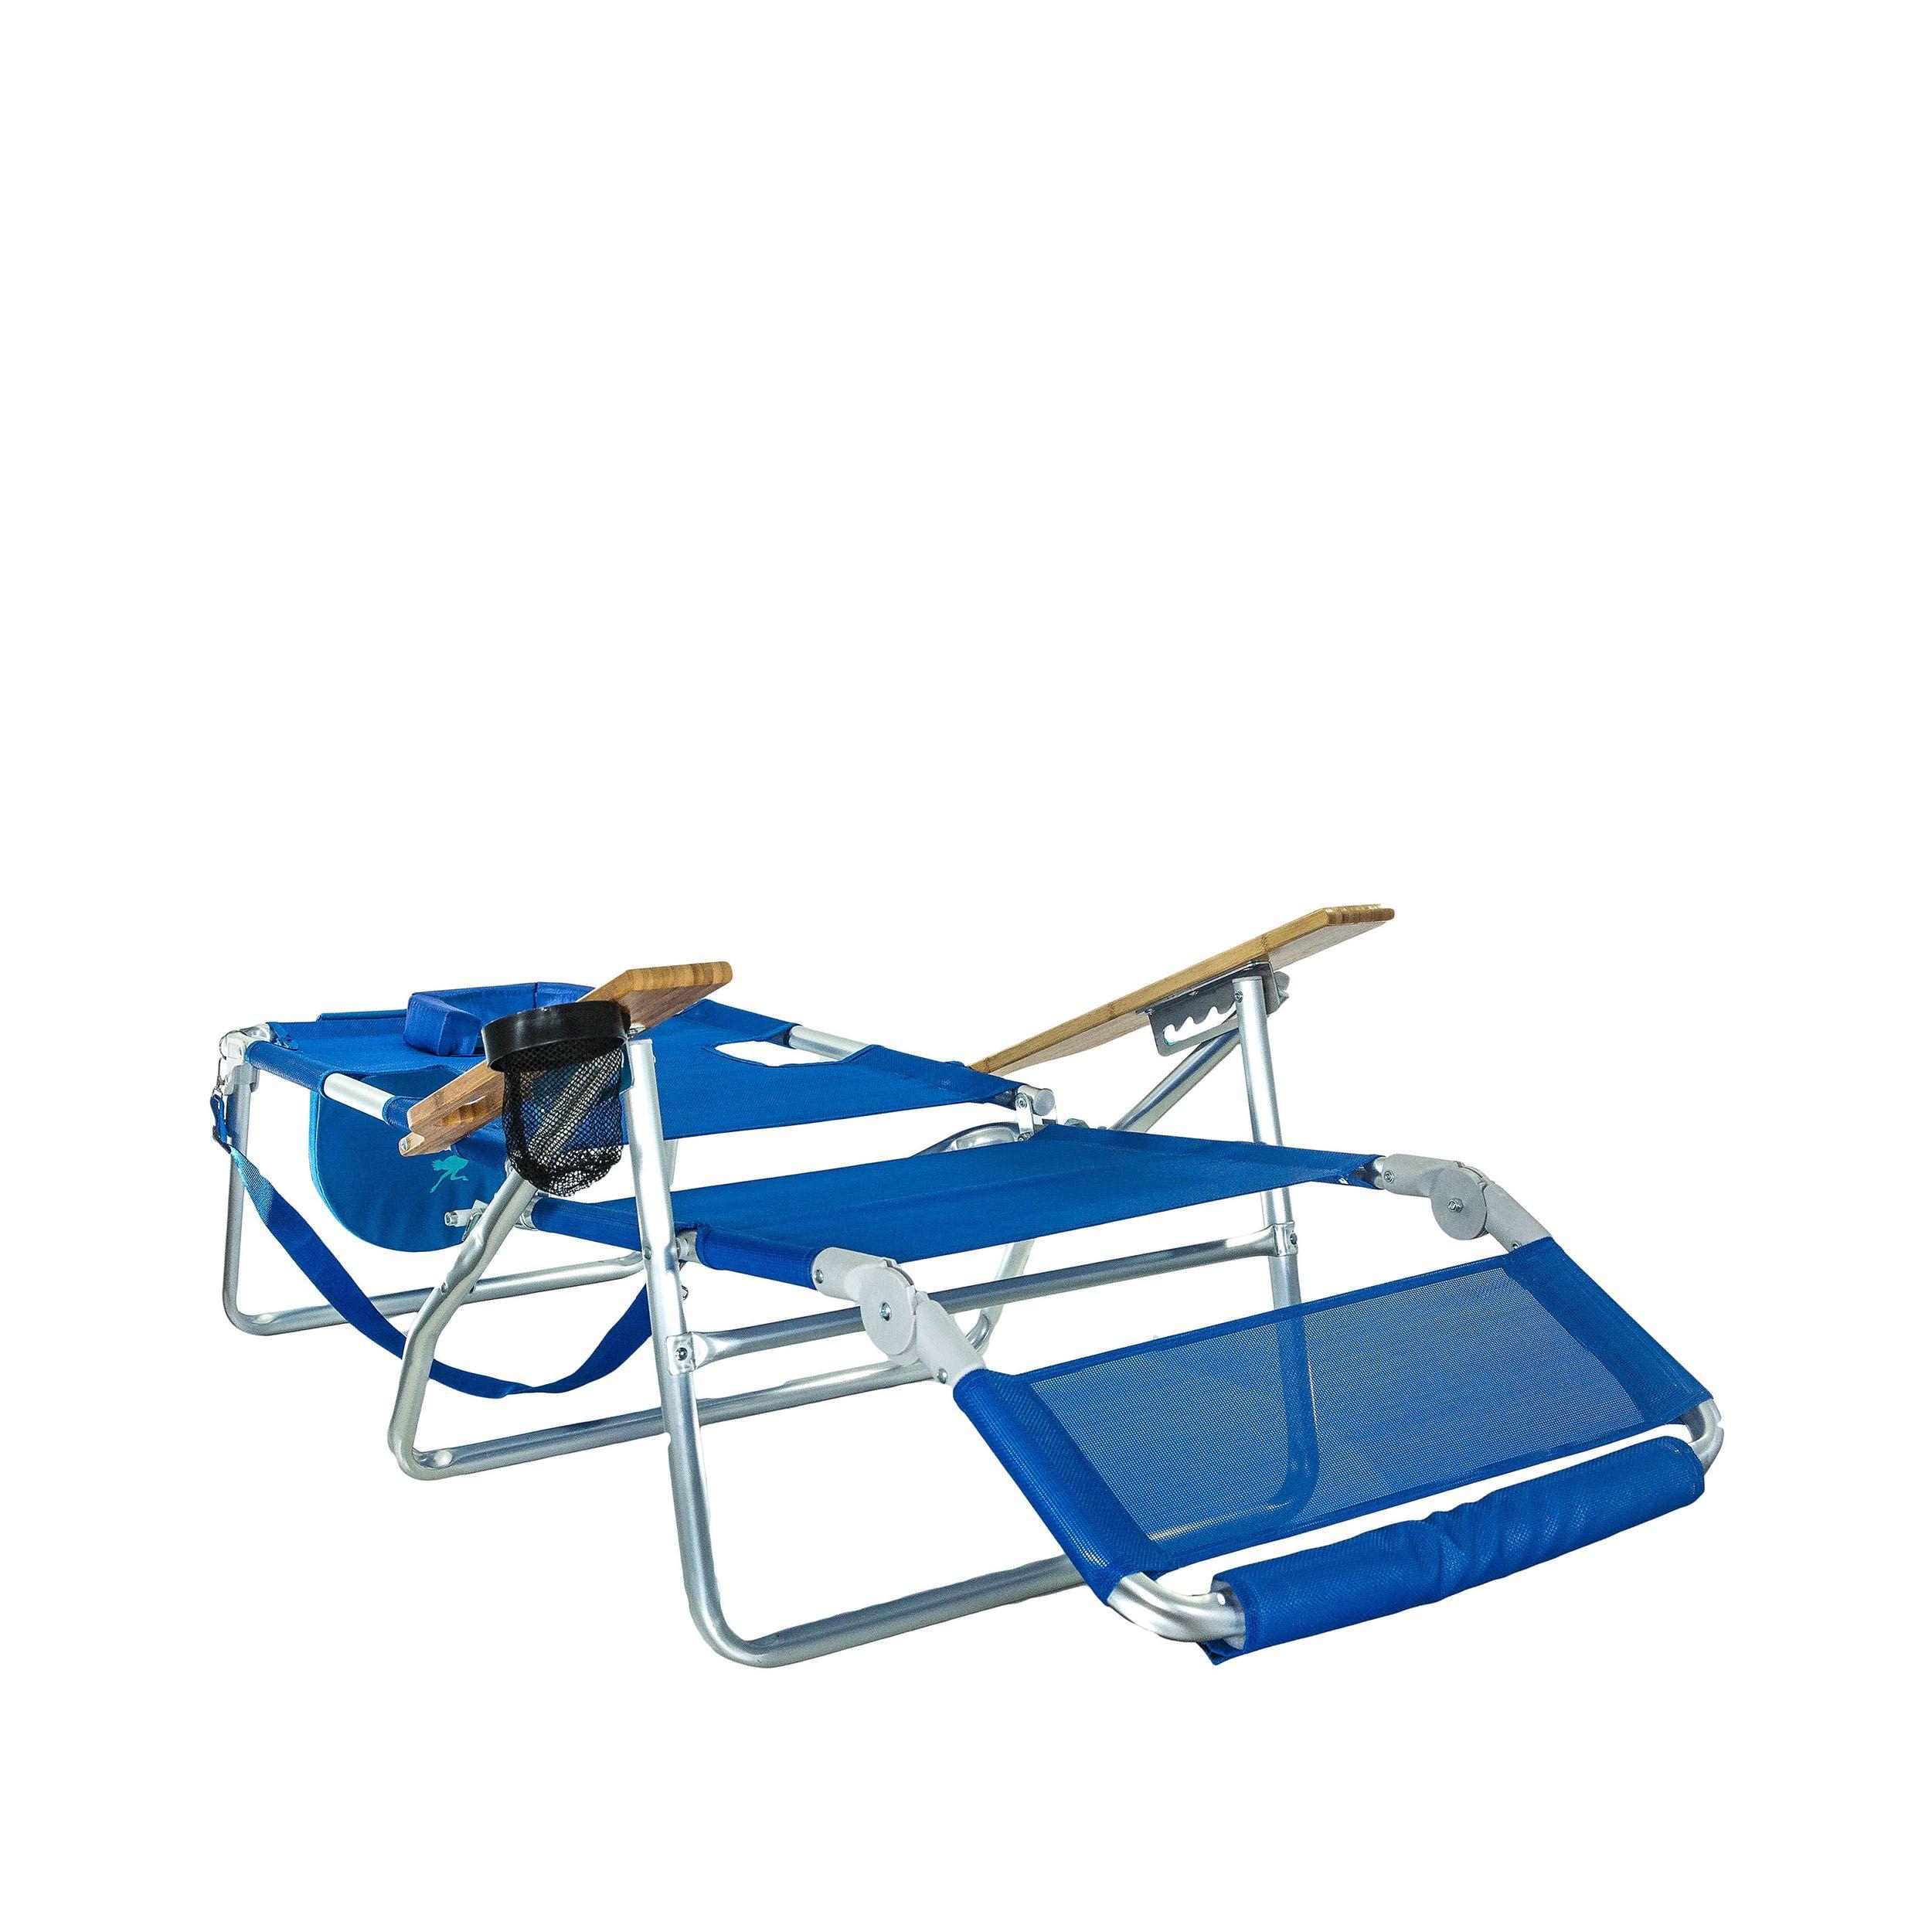 Ostrich 3N1 Beach Chair Beach chairs, Blue chair